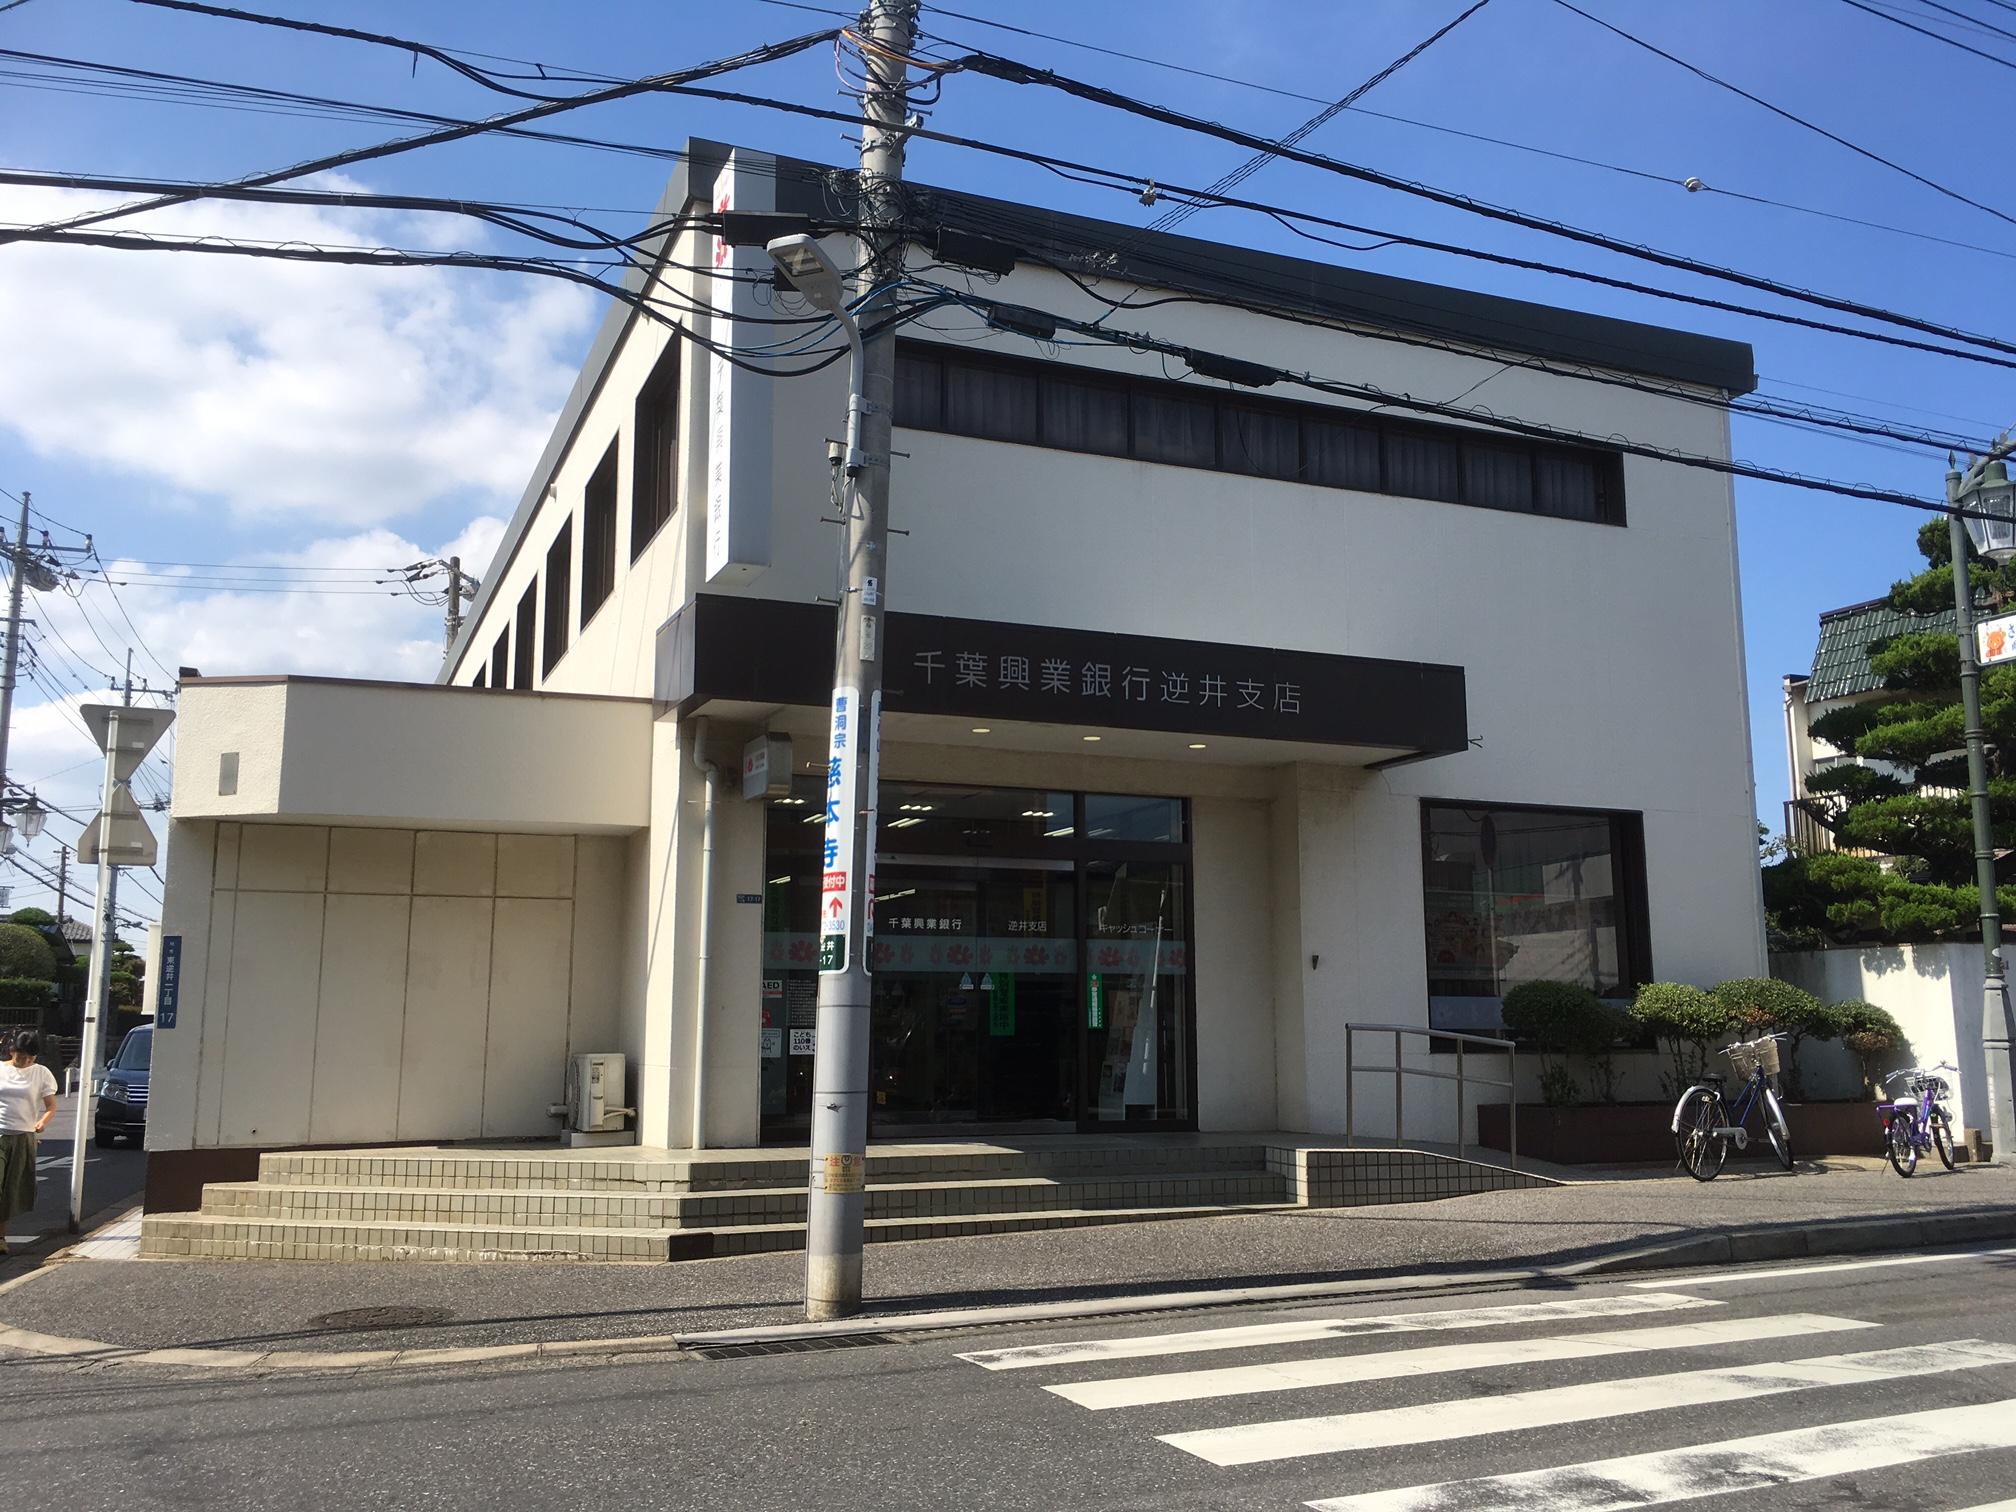 銀行:千葉興業銀行 逆井支店 167m